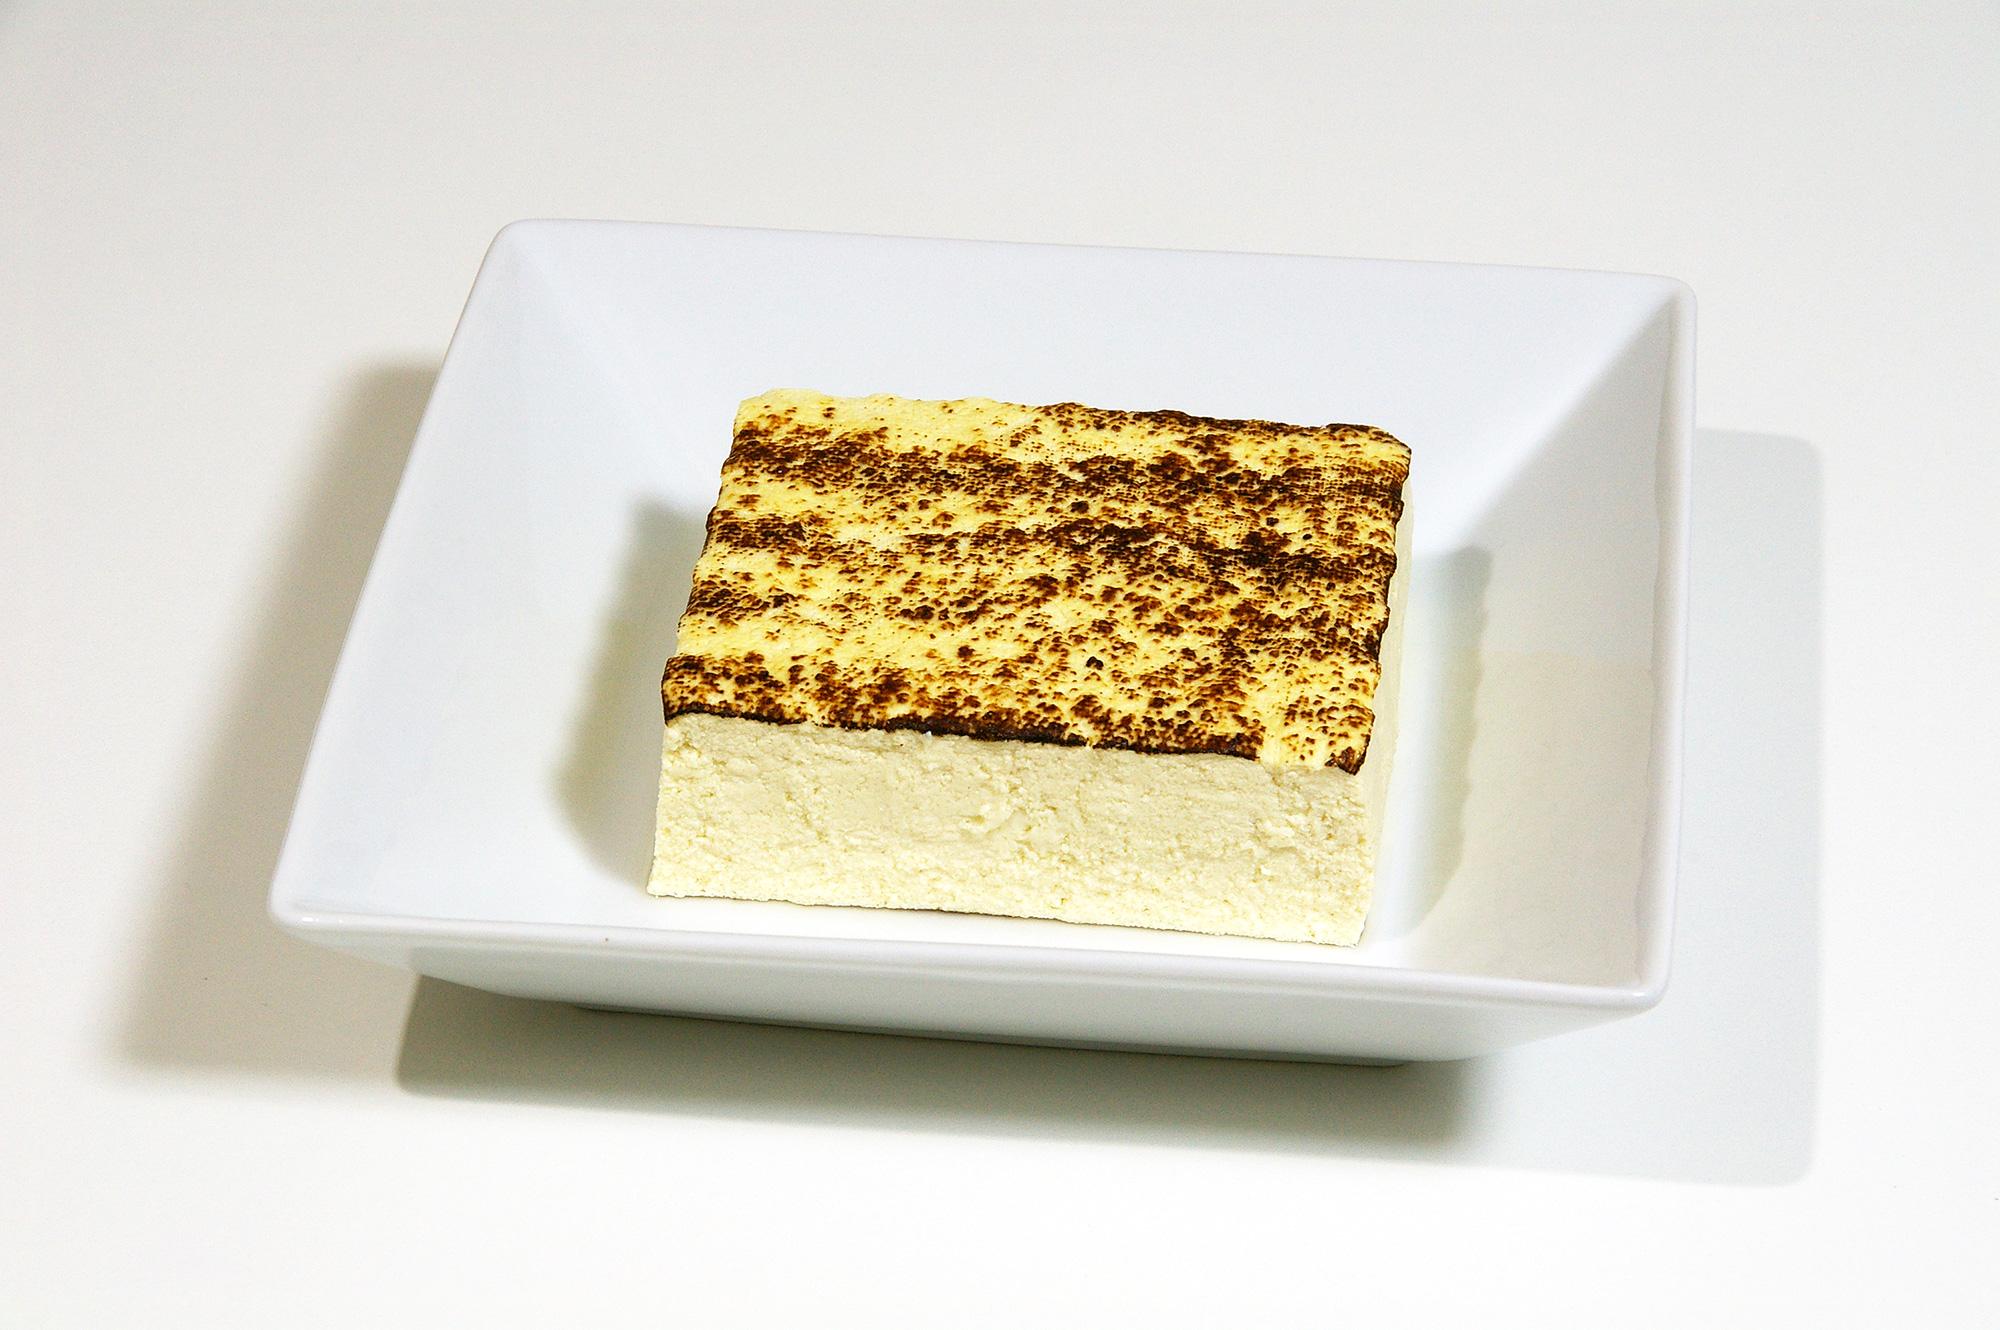 焼き豆腐のフリー写真素材